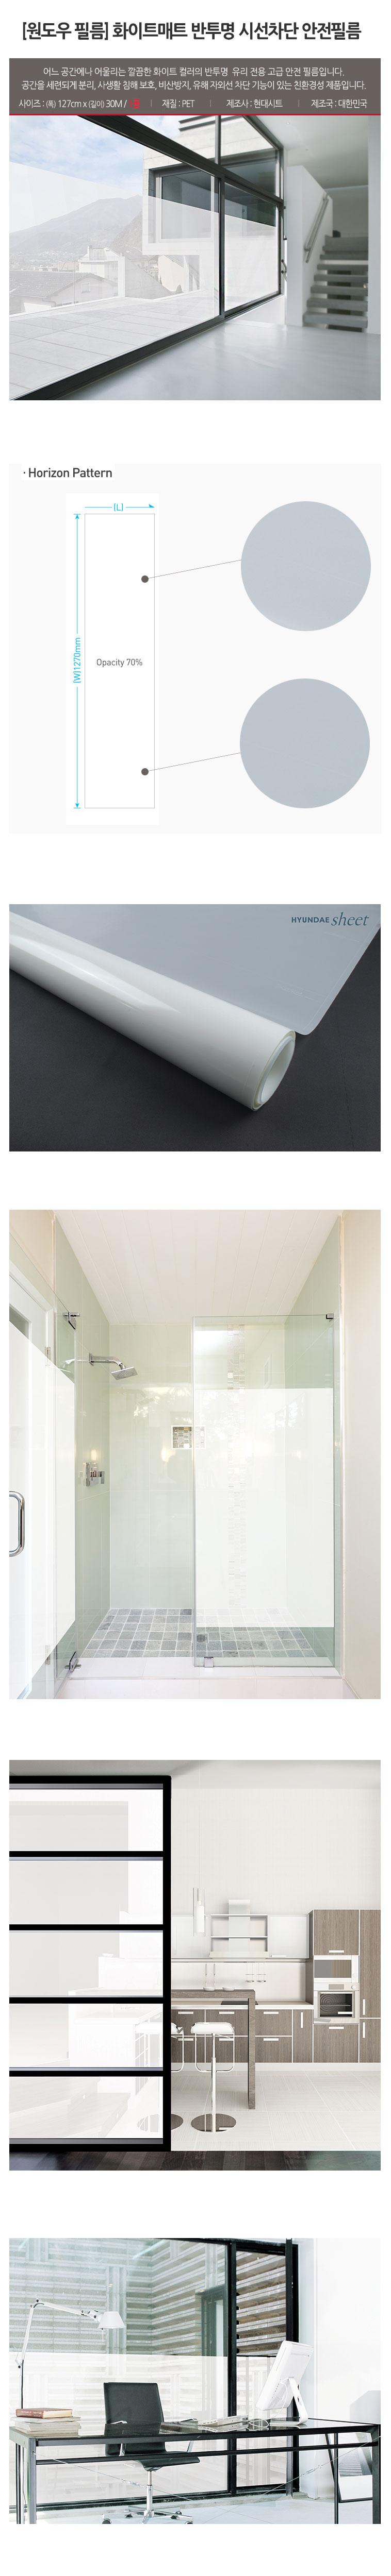 원도우 필름 화이트매트 반투명 시선차단 안전필름_30M - 케이알인터내셔날, 297,000원, 벽시/시트지, 단색벽지